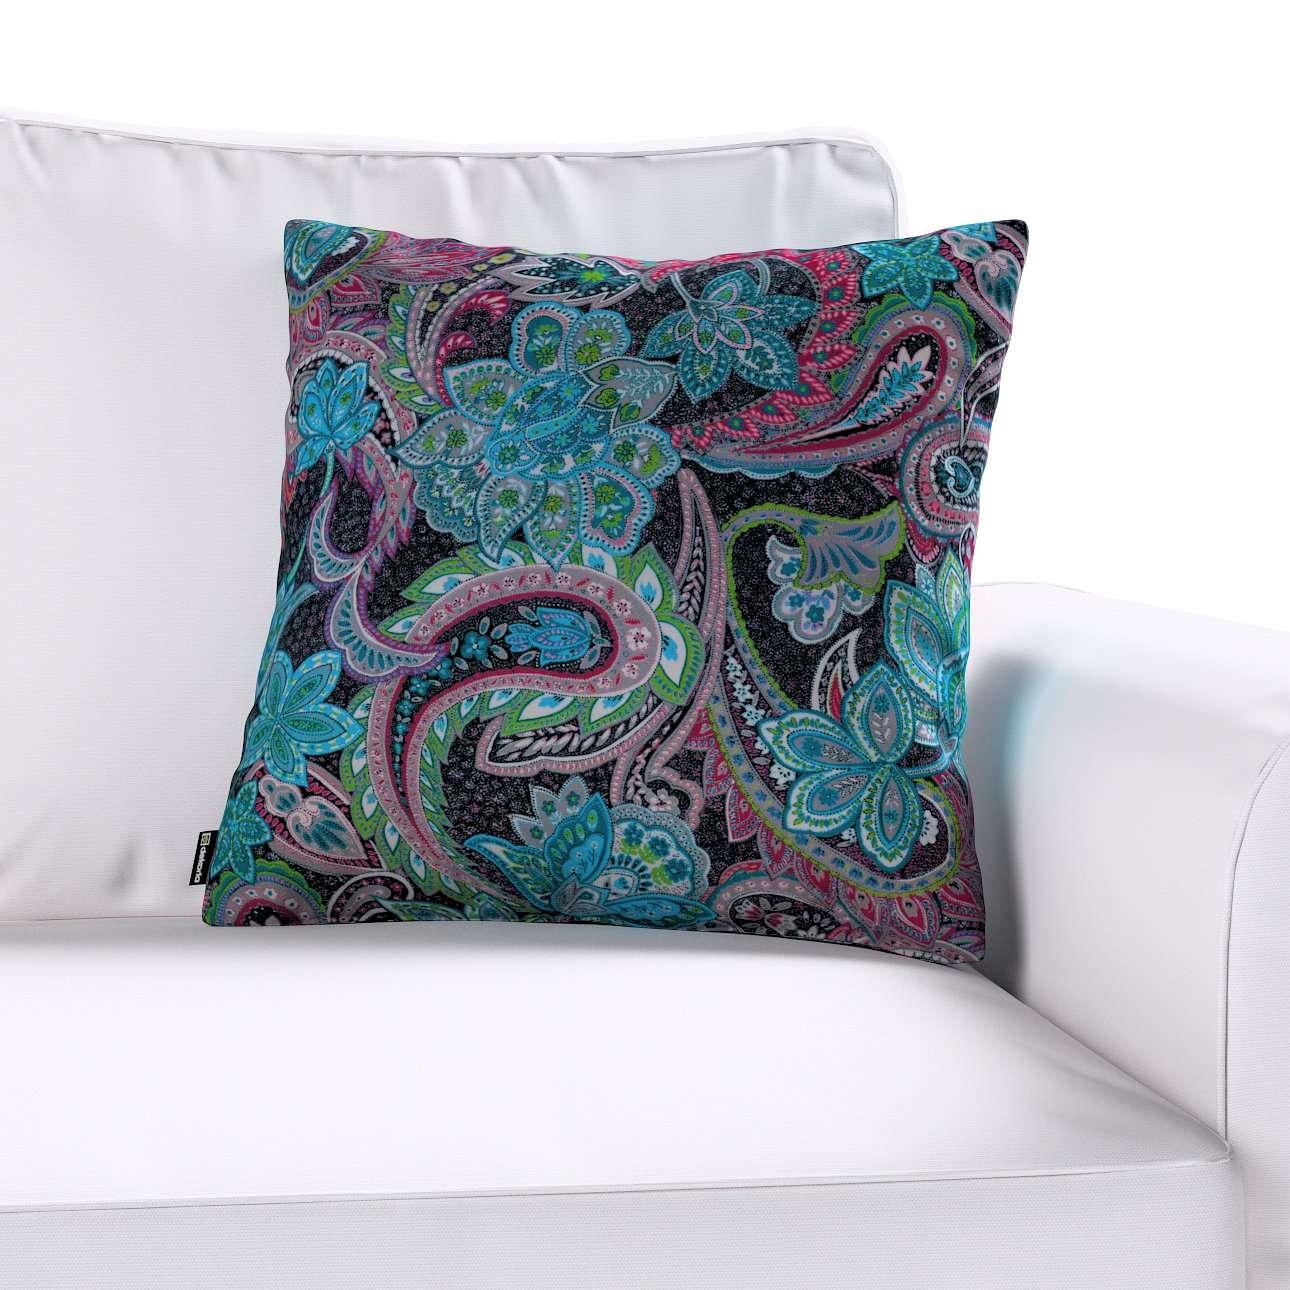 Poszewka Kinga na poduszkę w kolekcji Velvet, tkanina: 704-22